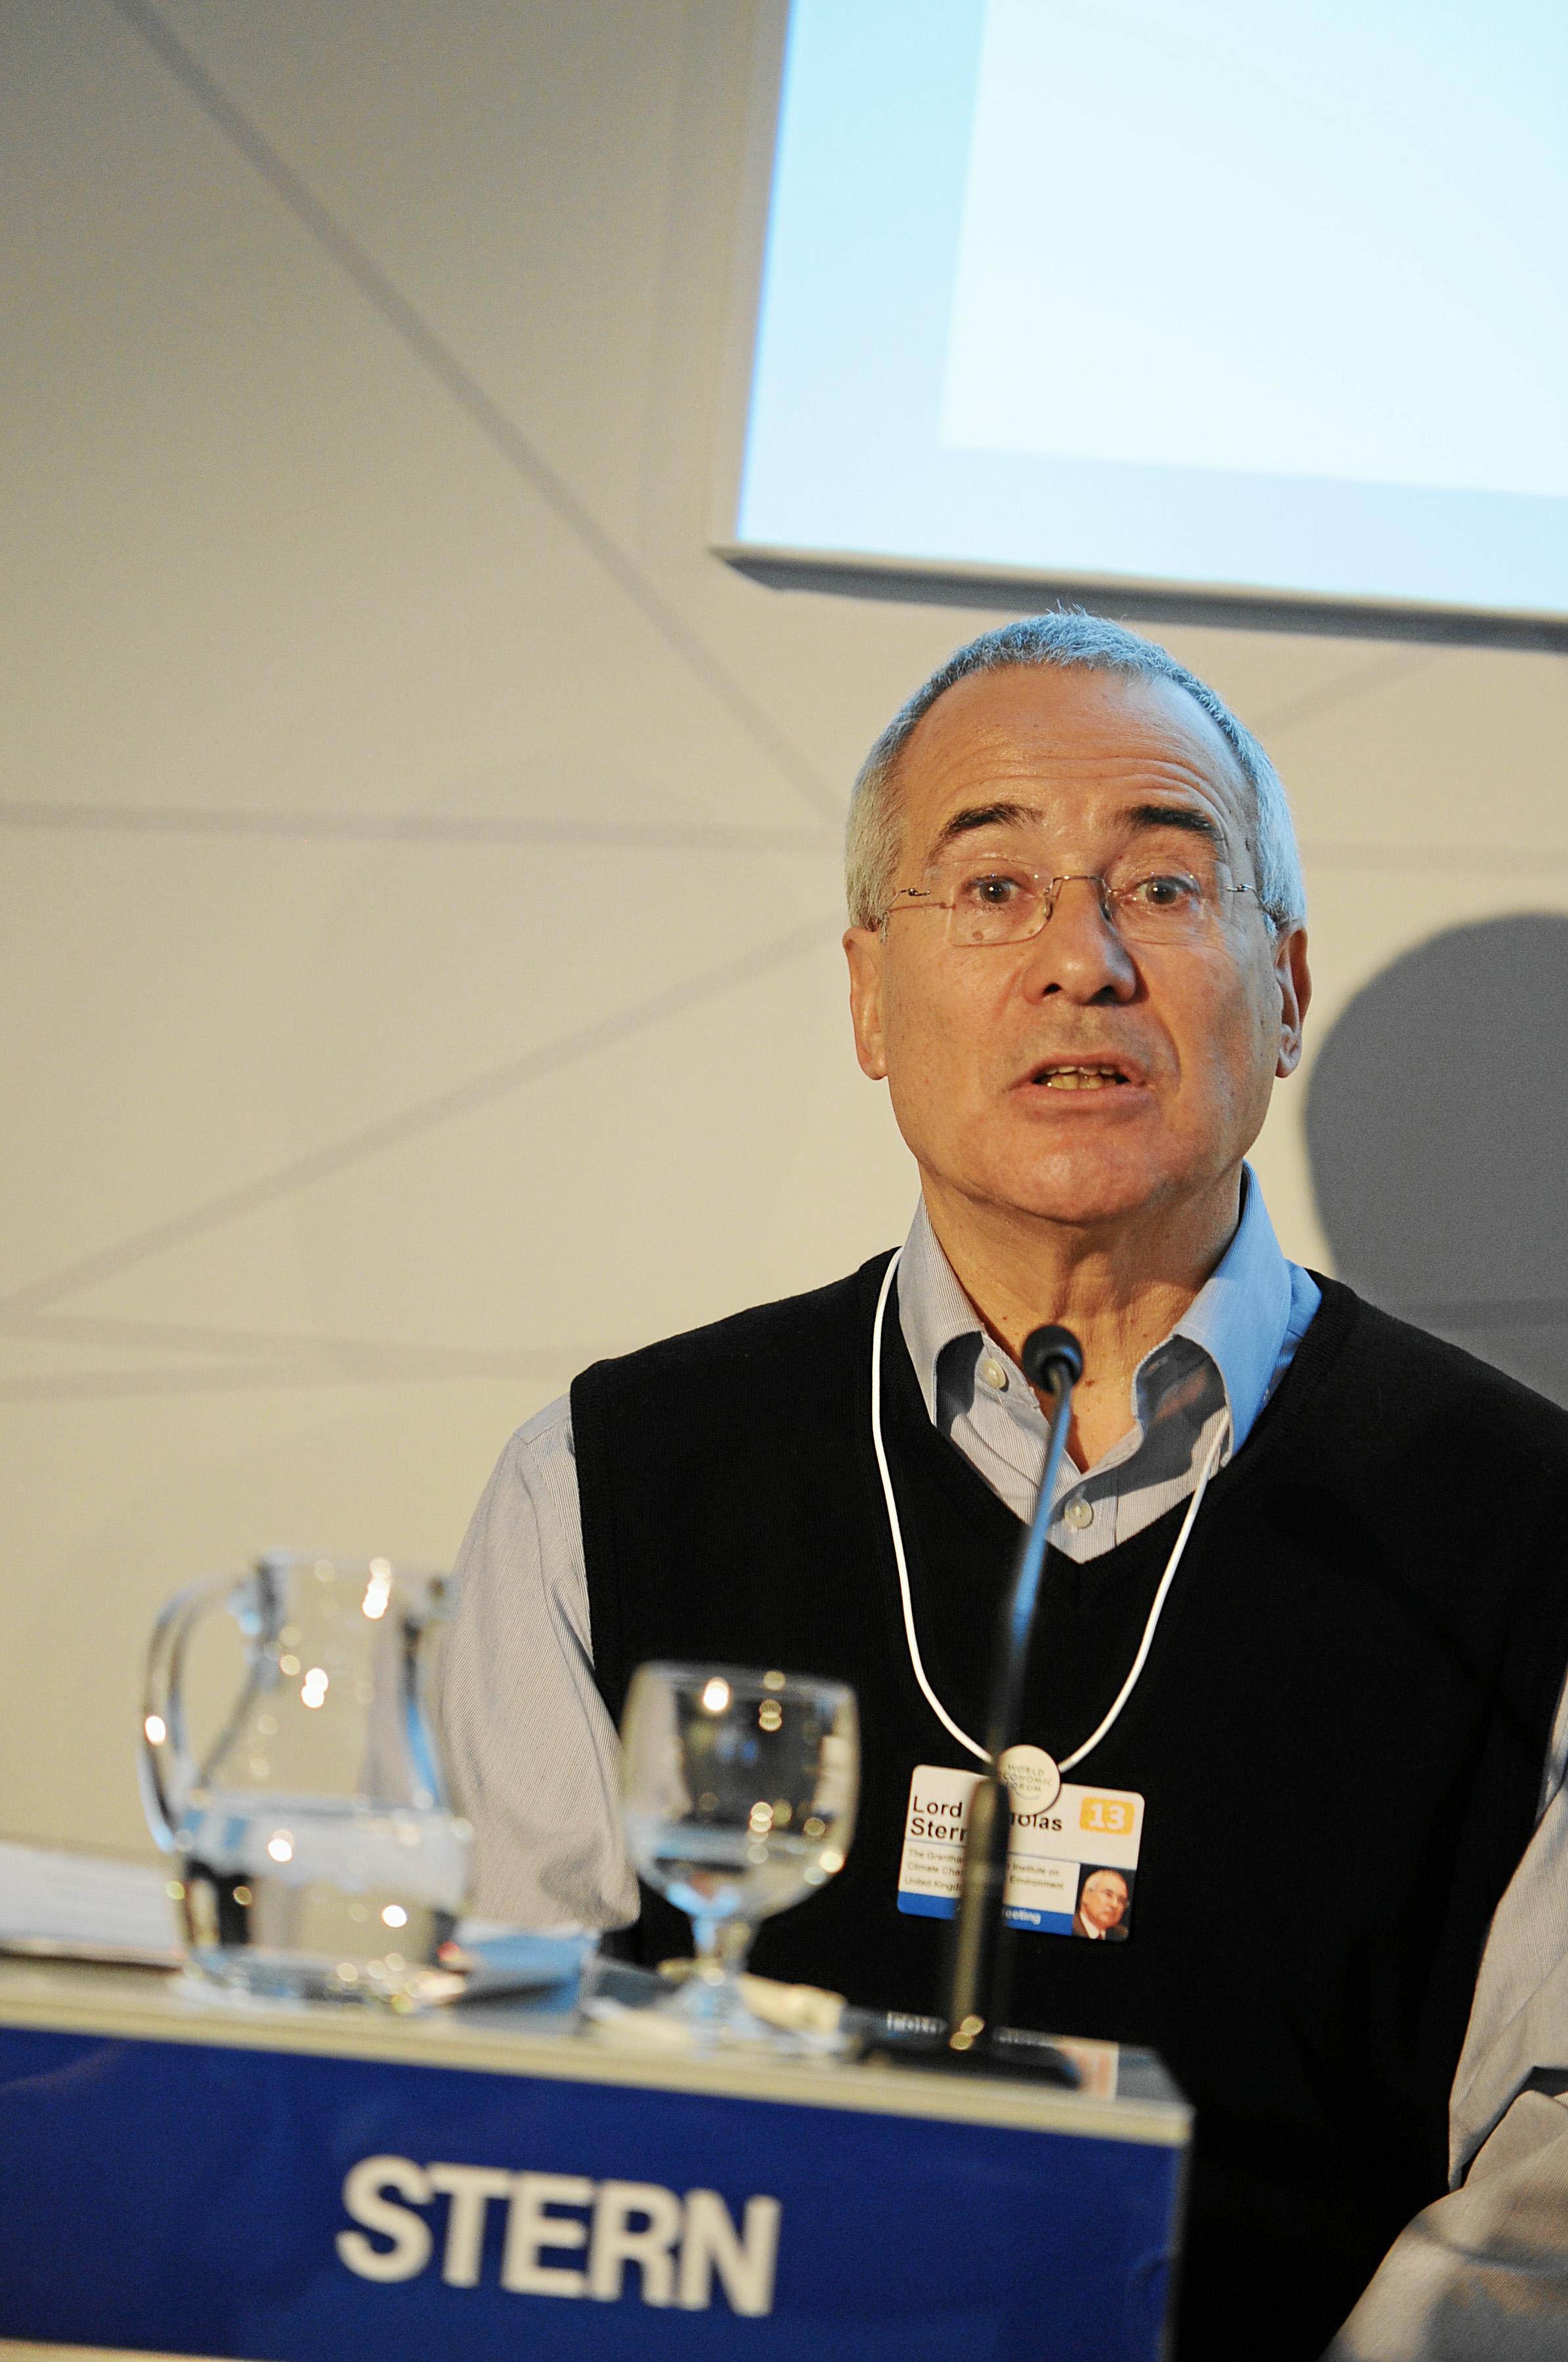 Lord Stern at Davos 2013